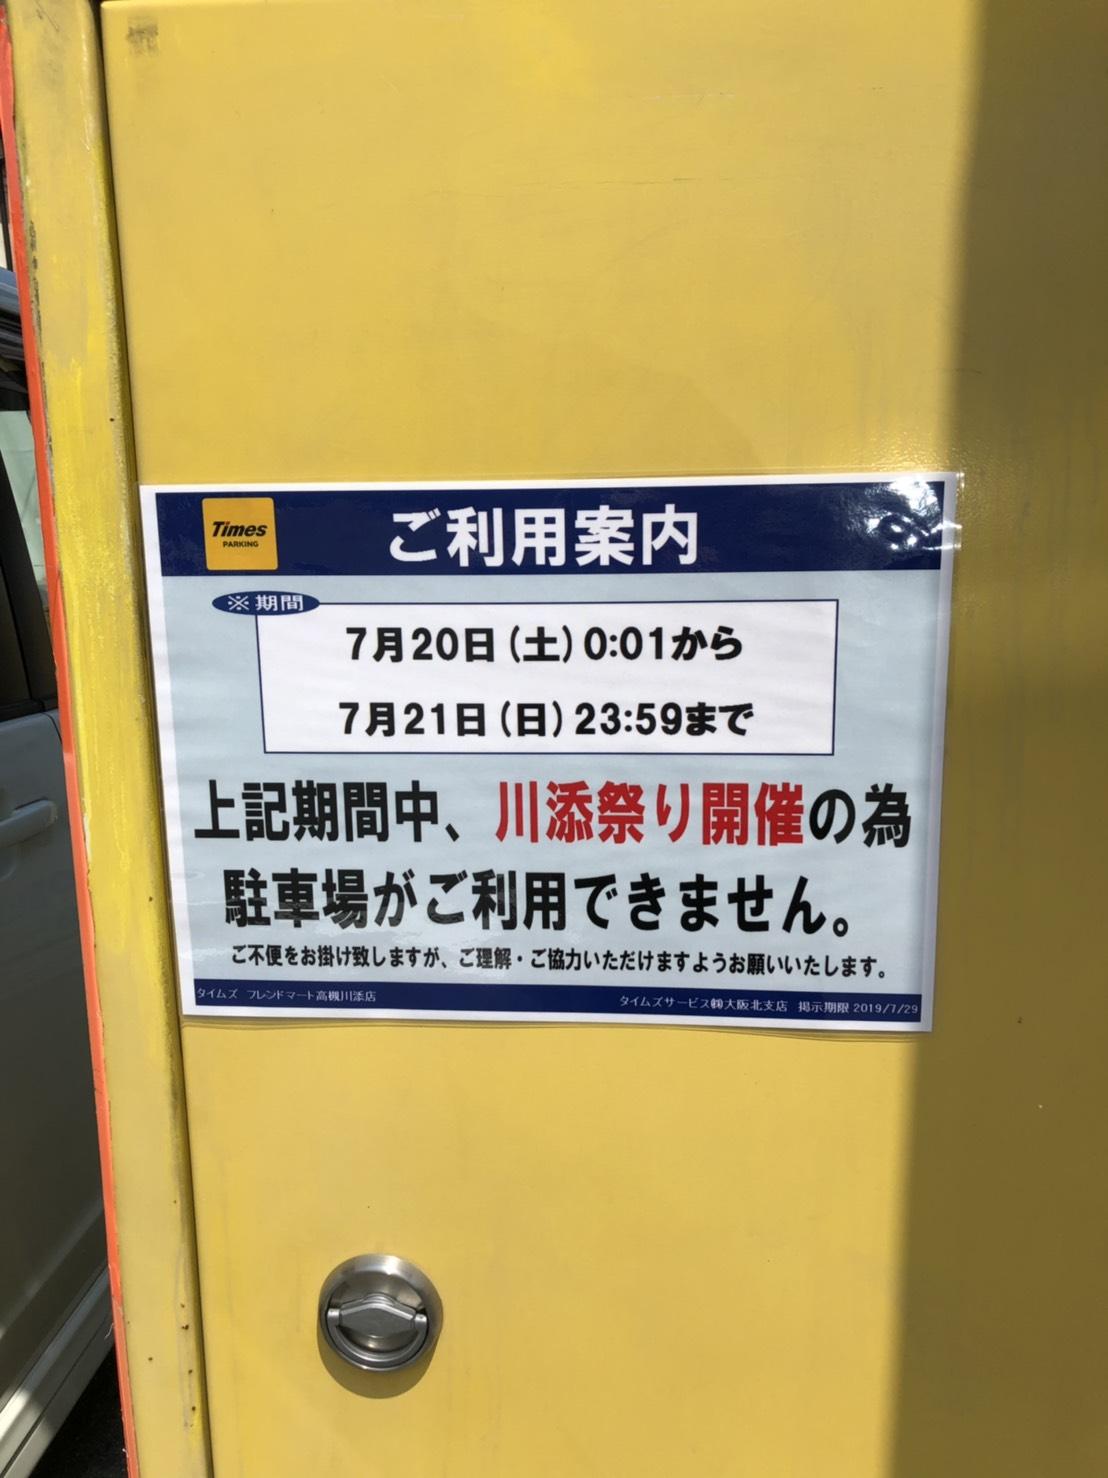 ★フレンドマート高槻川添店★の画像